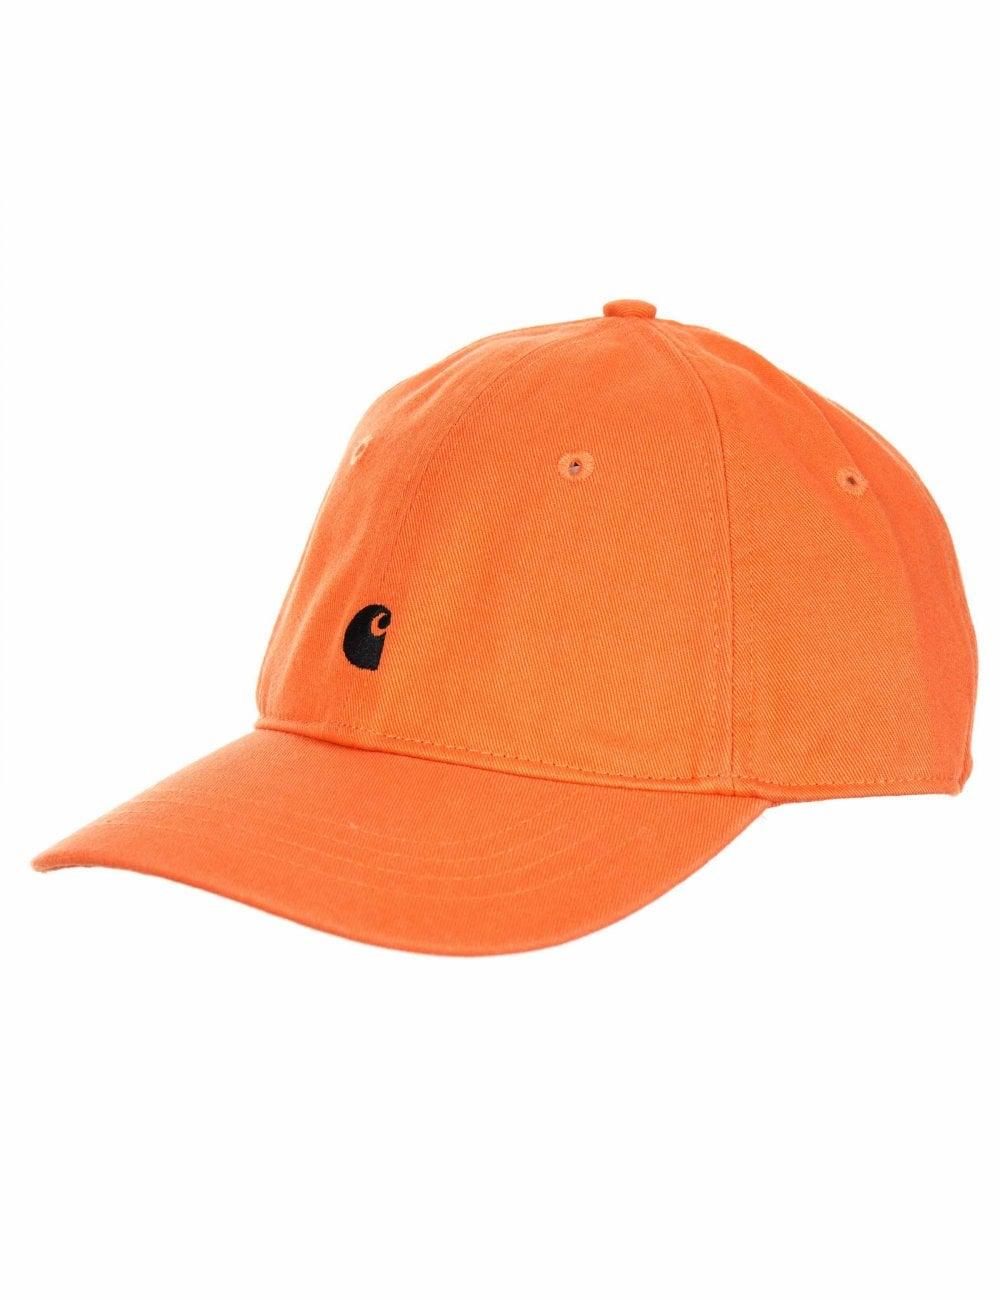 fbaf50dbe51 Carhartt WIP Madison Logo Cap - Jaffa - Hat Shop from Fat Buddha ...